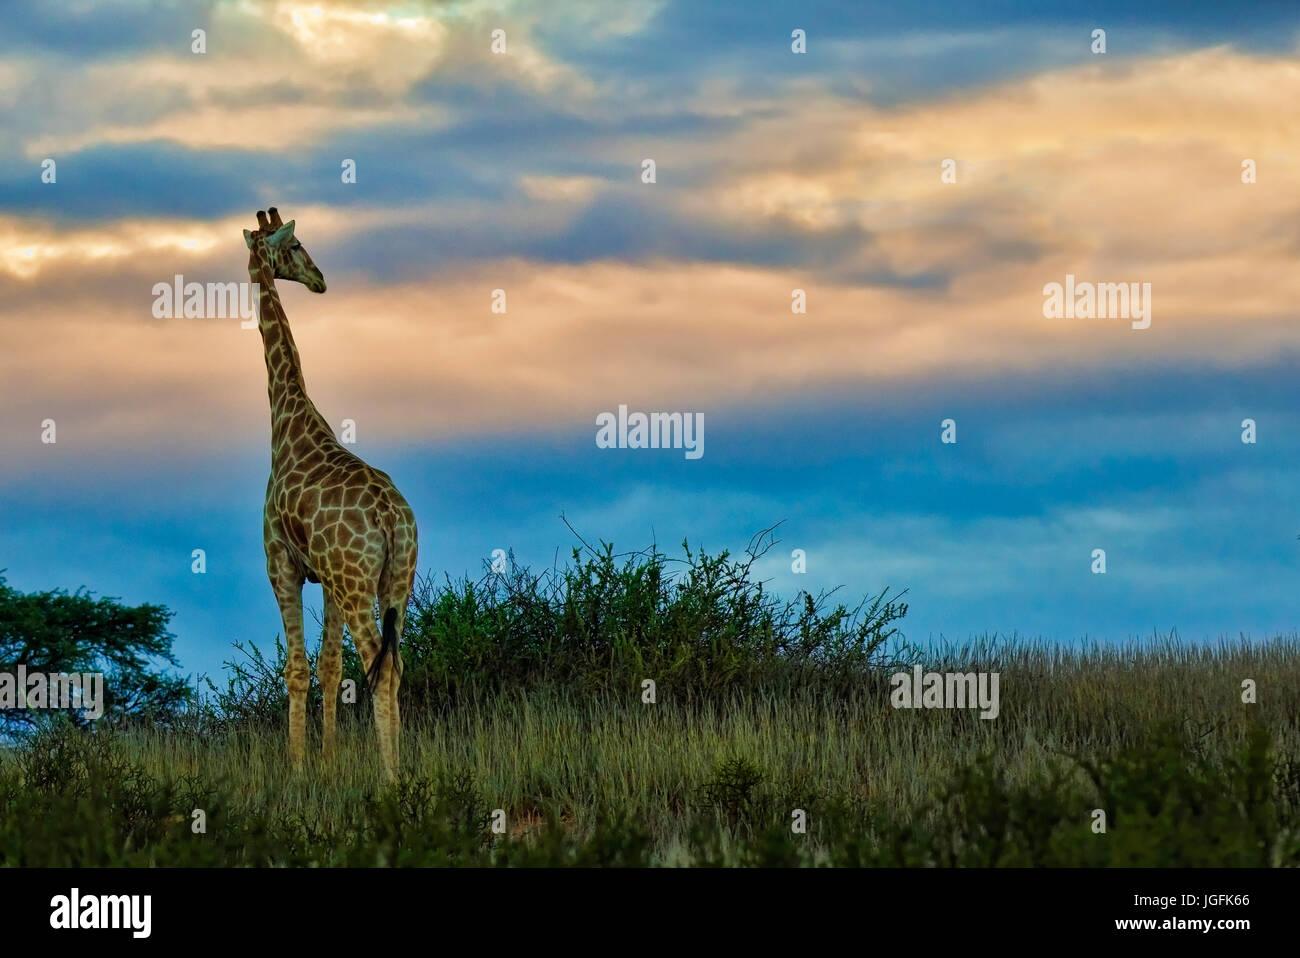 Giraffe, Giraffe Giraffa, ist das höchste Tier und die größte Wiederkäuer. Hier bei Sonnenuntergang Stockbild